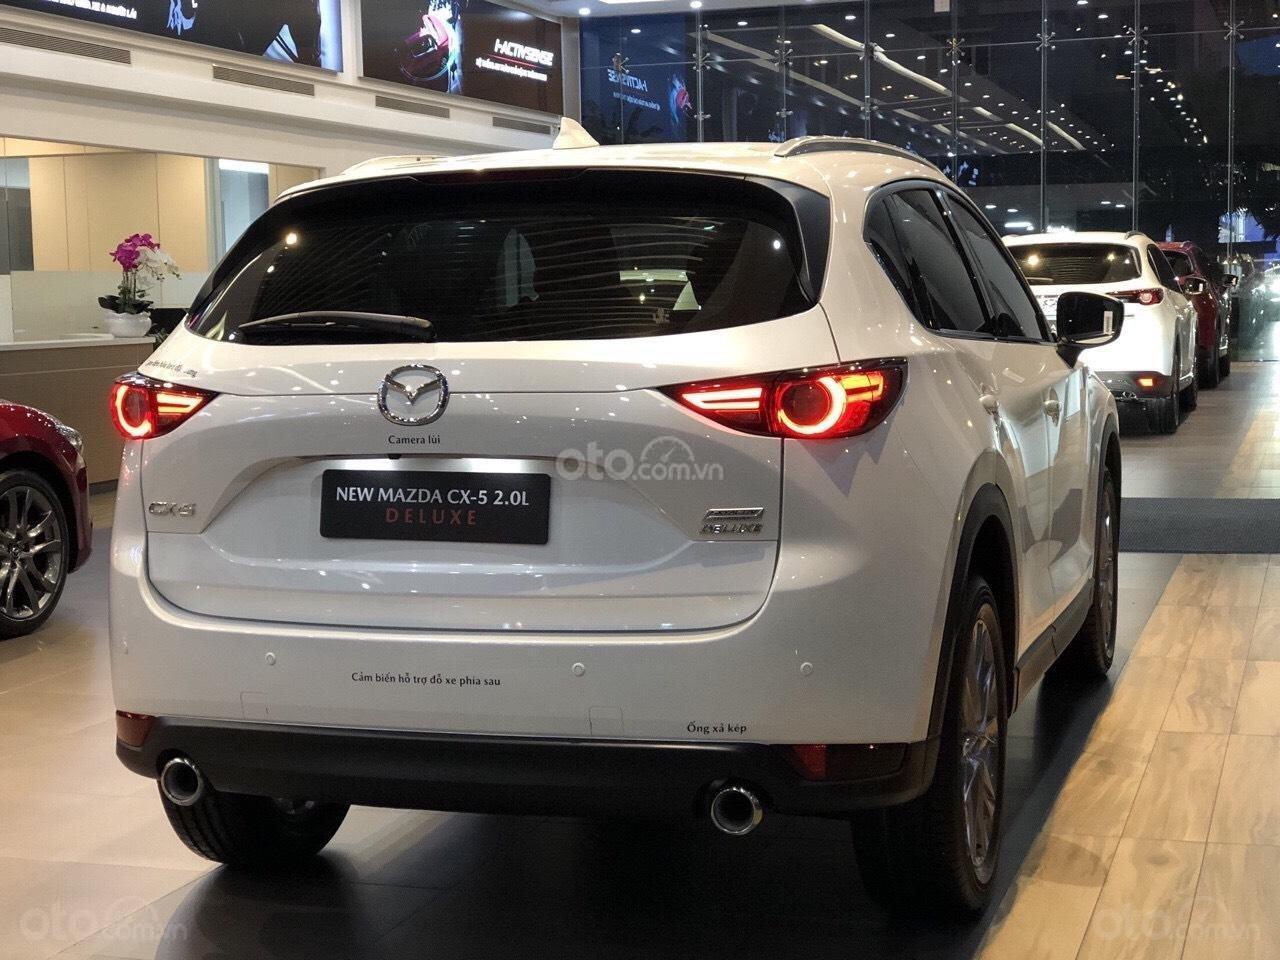 [Cực hot]: Ưu đãi new Mazda CX-5 từ 80tr + quà tặng - giao xe ngay - hỗ trợ trả góp cực ngầu (4)